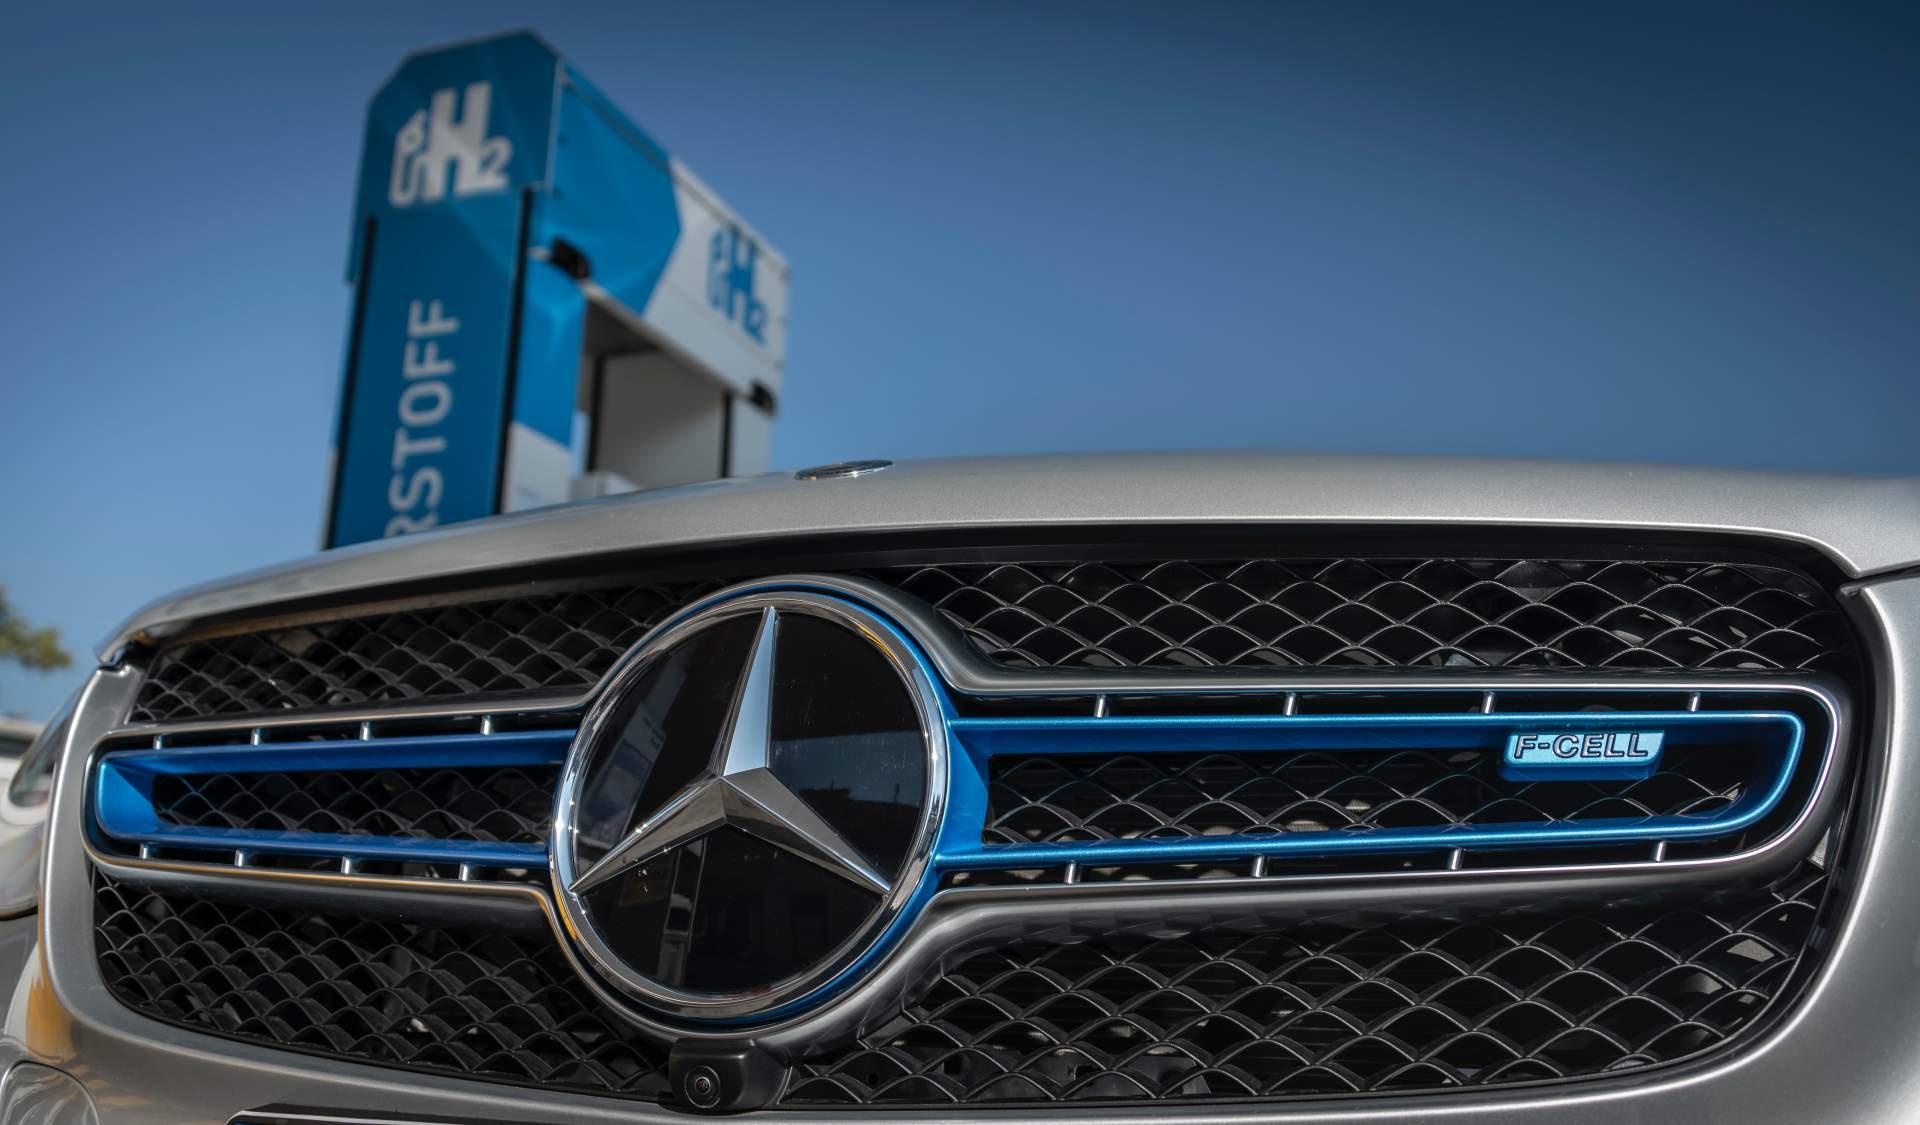 2019_Mercedes_GLC_F-Cell_0084